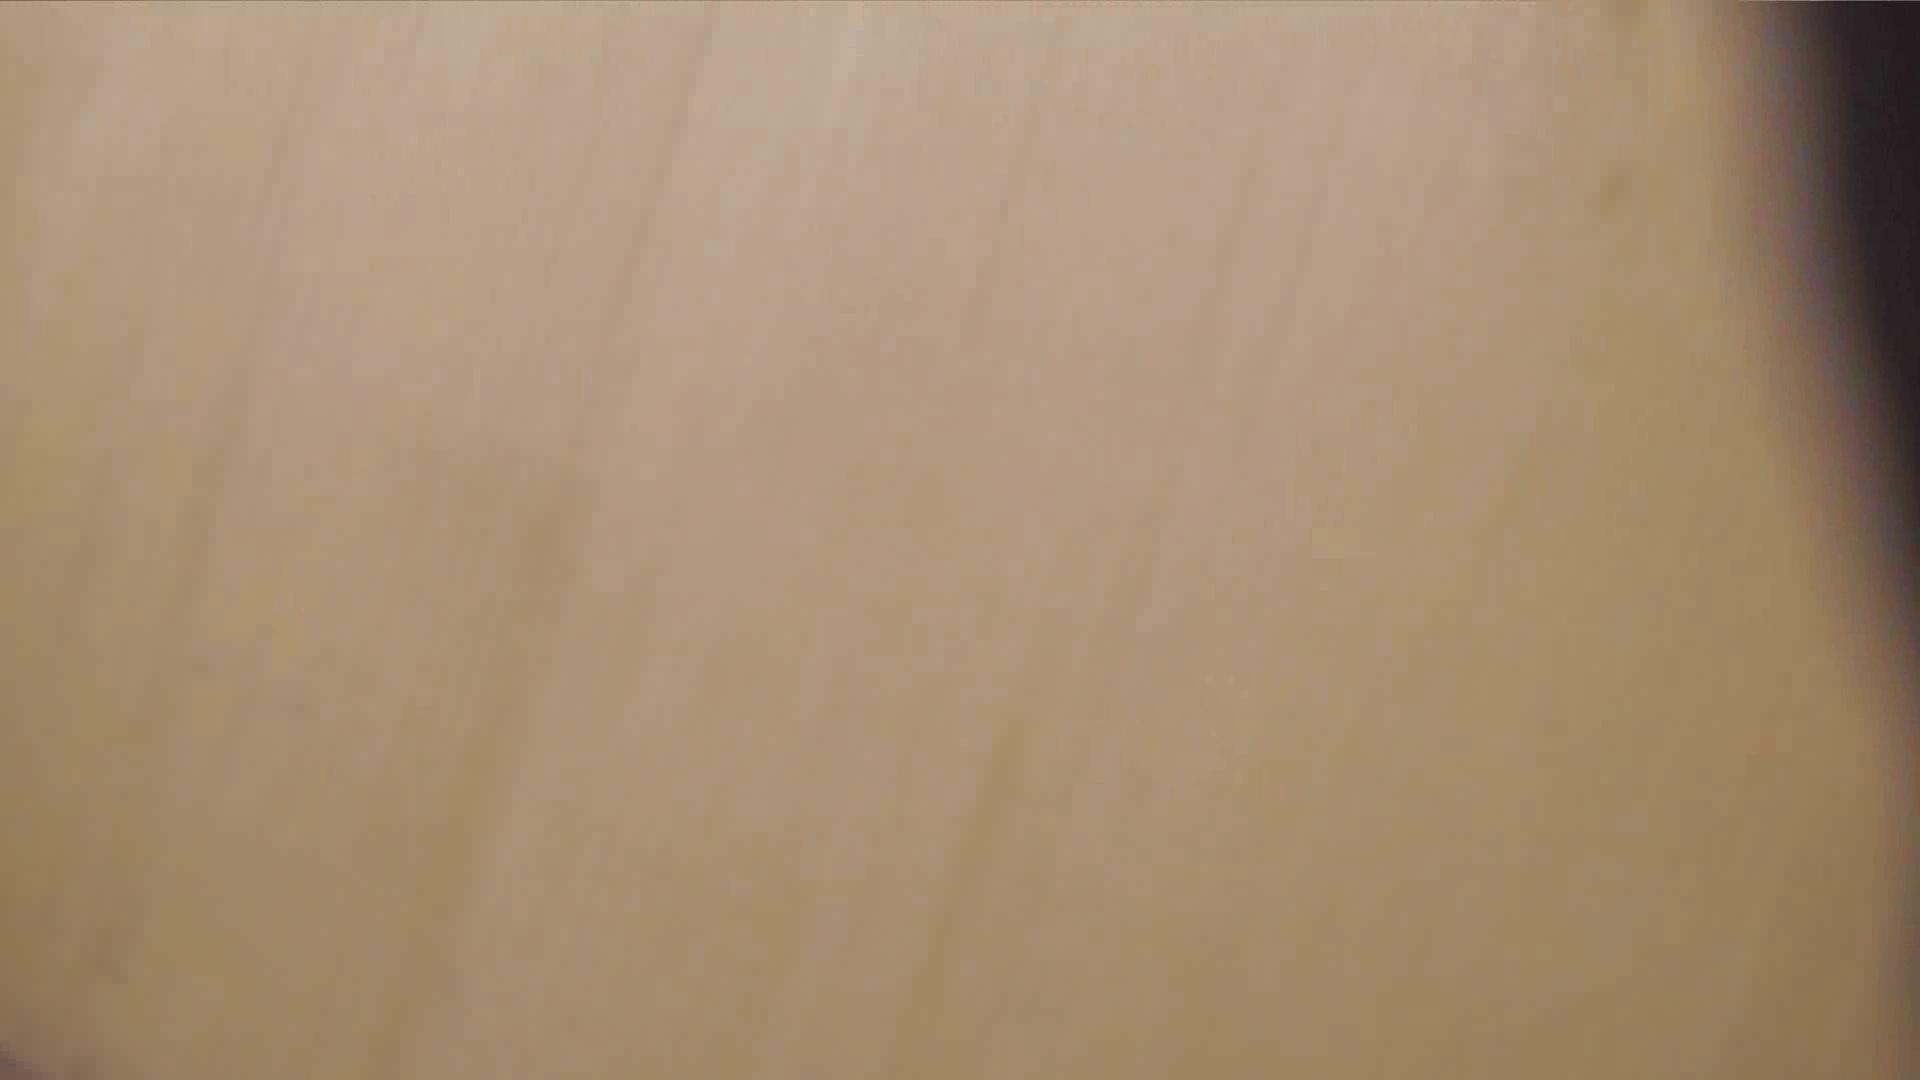 阿国ちゃんの「和式洋式七変化」No.18 iBO(フタコブ) 洗面所  112pic 50